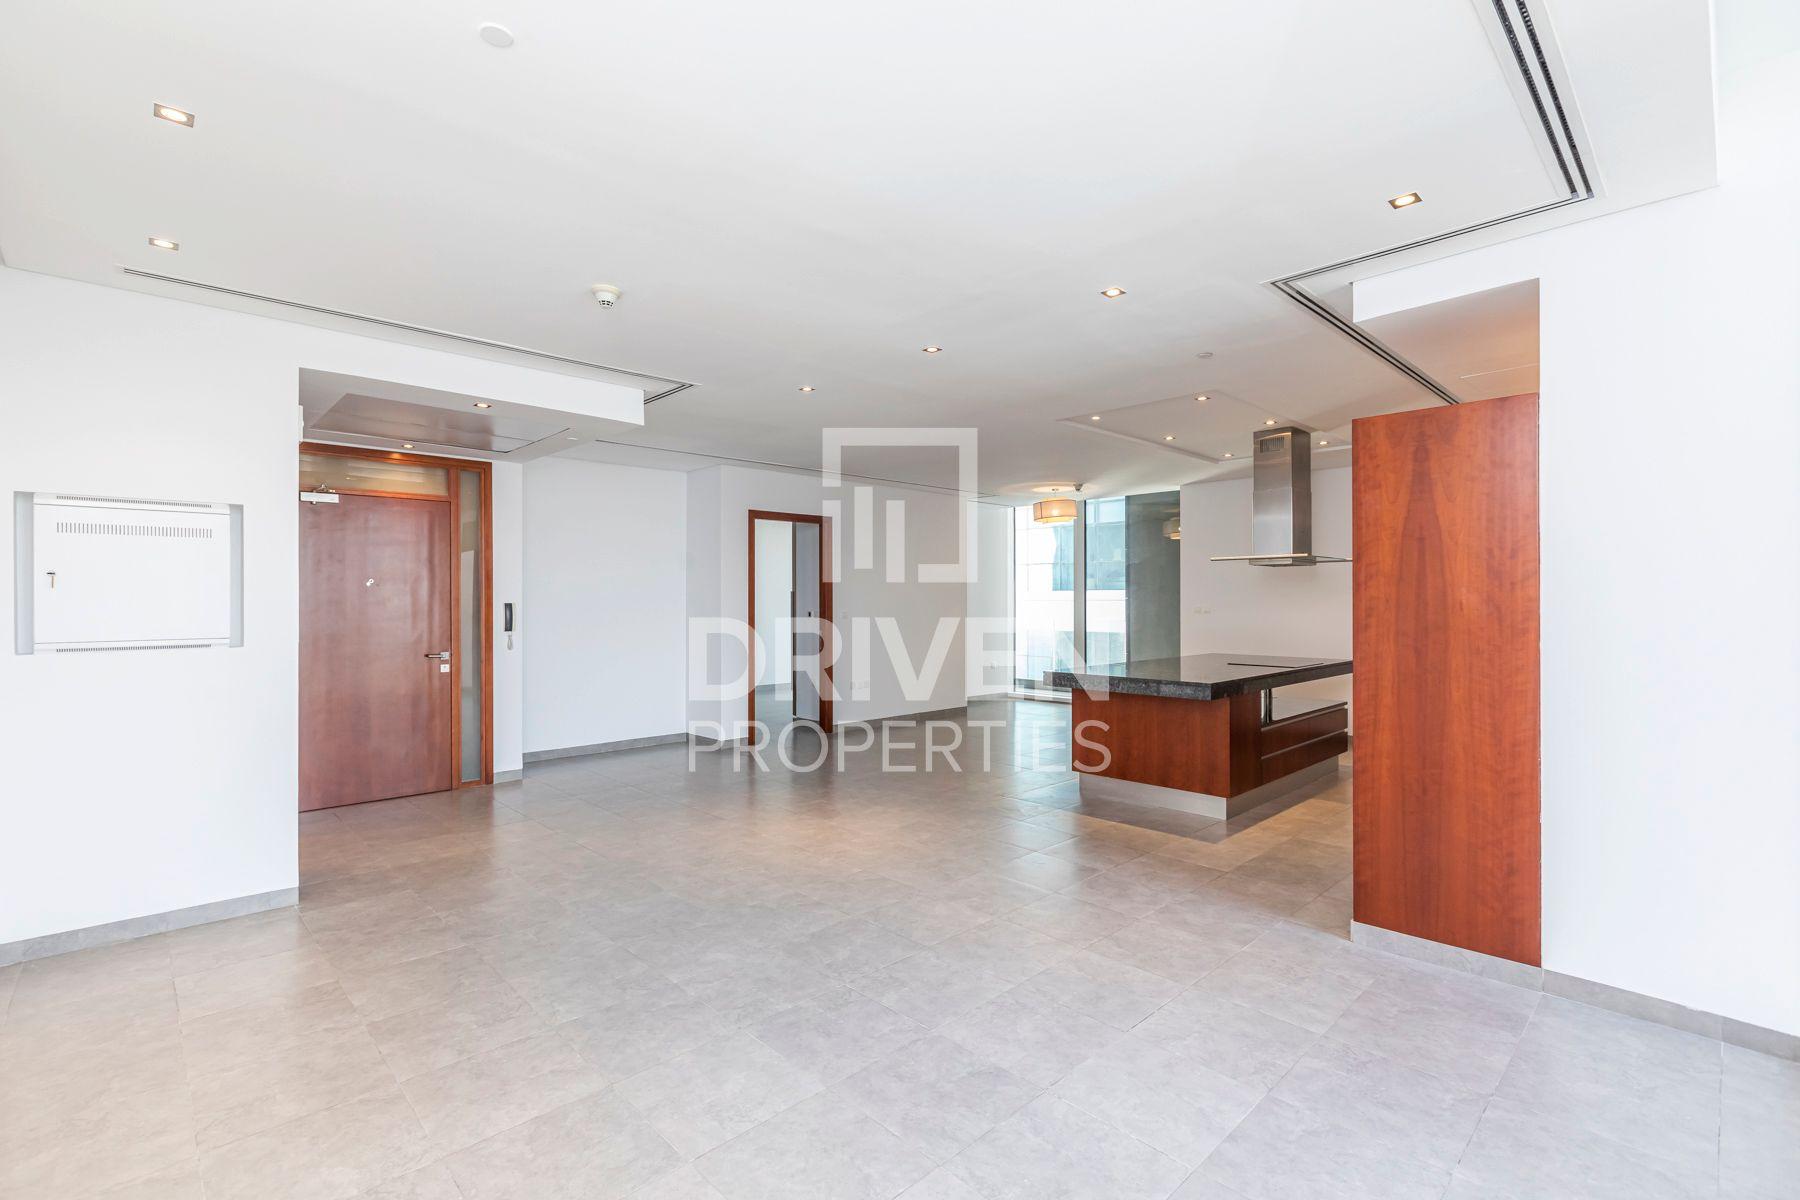 للايجار - شقة - برج ميز - شارع الشيخ زايد